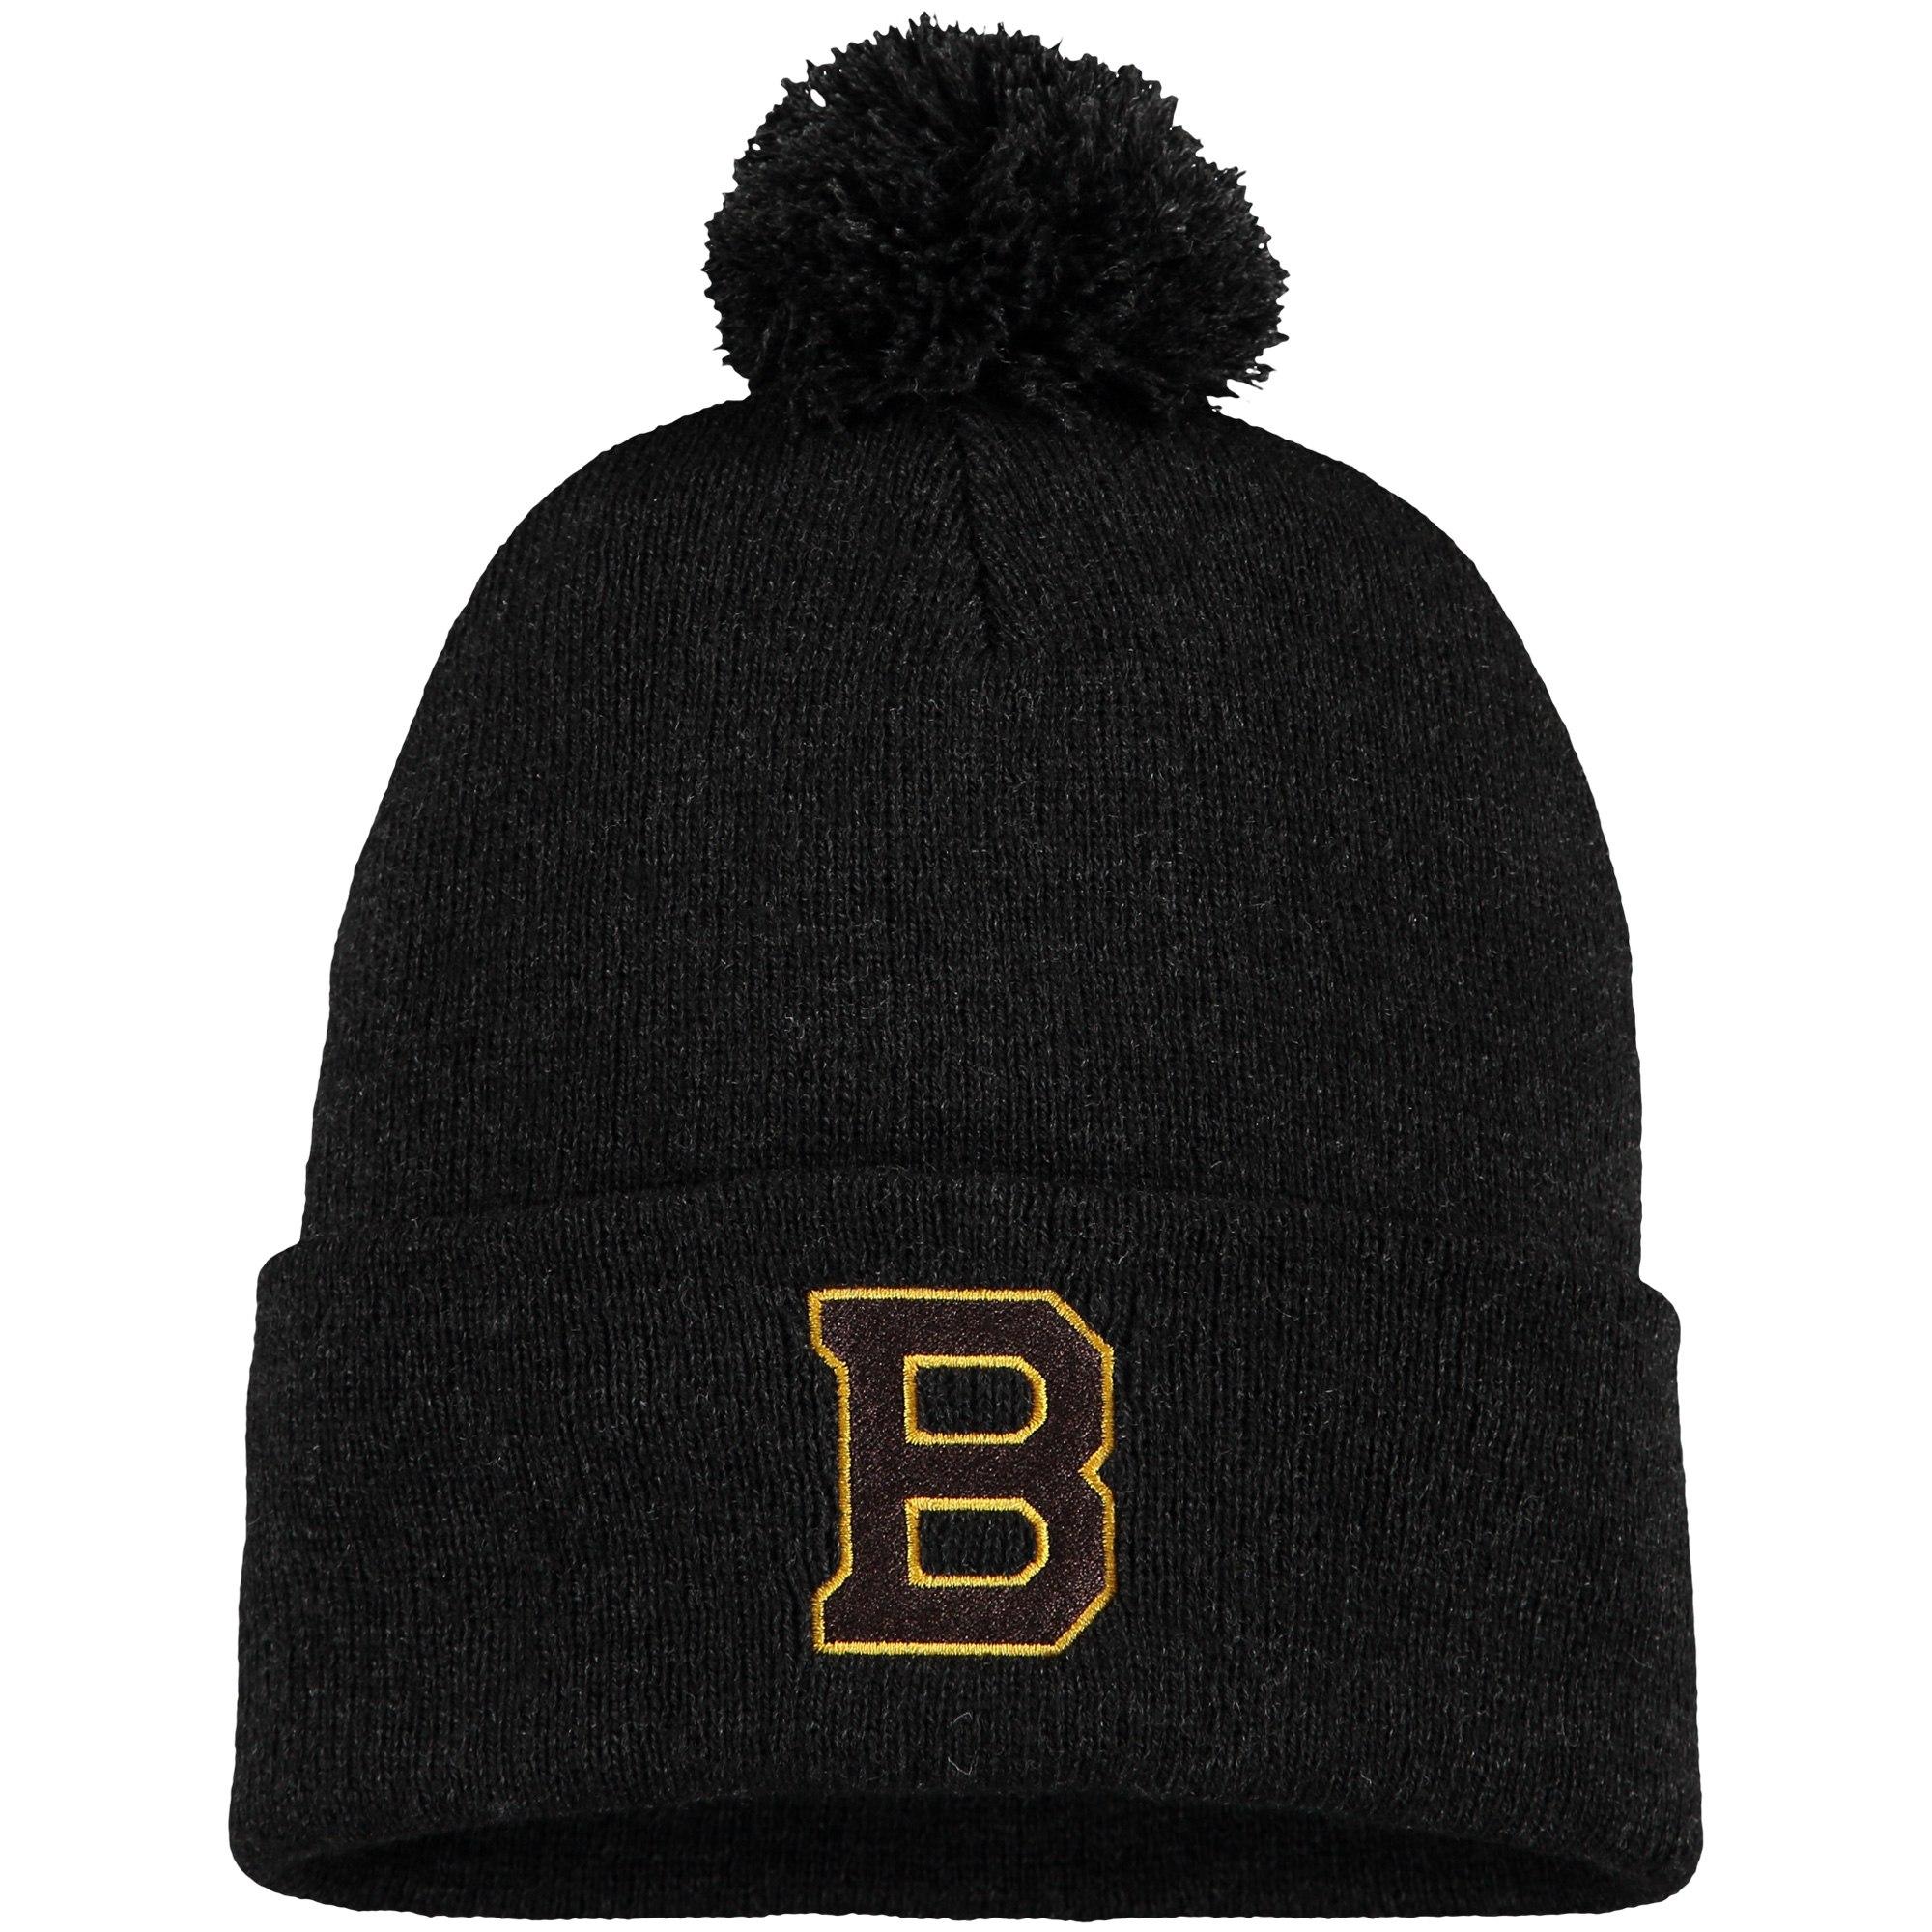 249cd3f4686 Fanatics Branded Dětský Zimní Kulich Boston Bruins 2019 NHL Winter Classic  Main Cuffed Pom